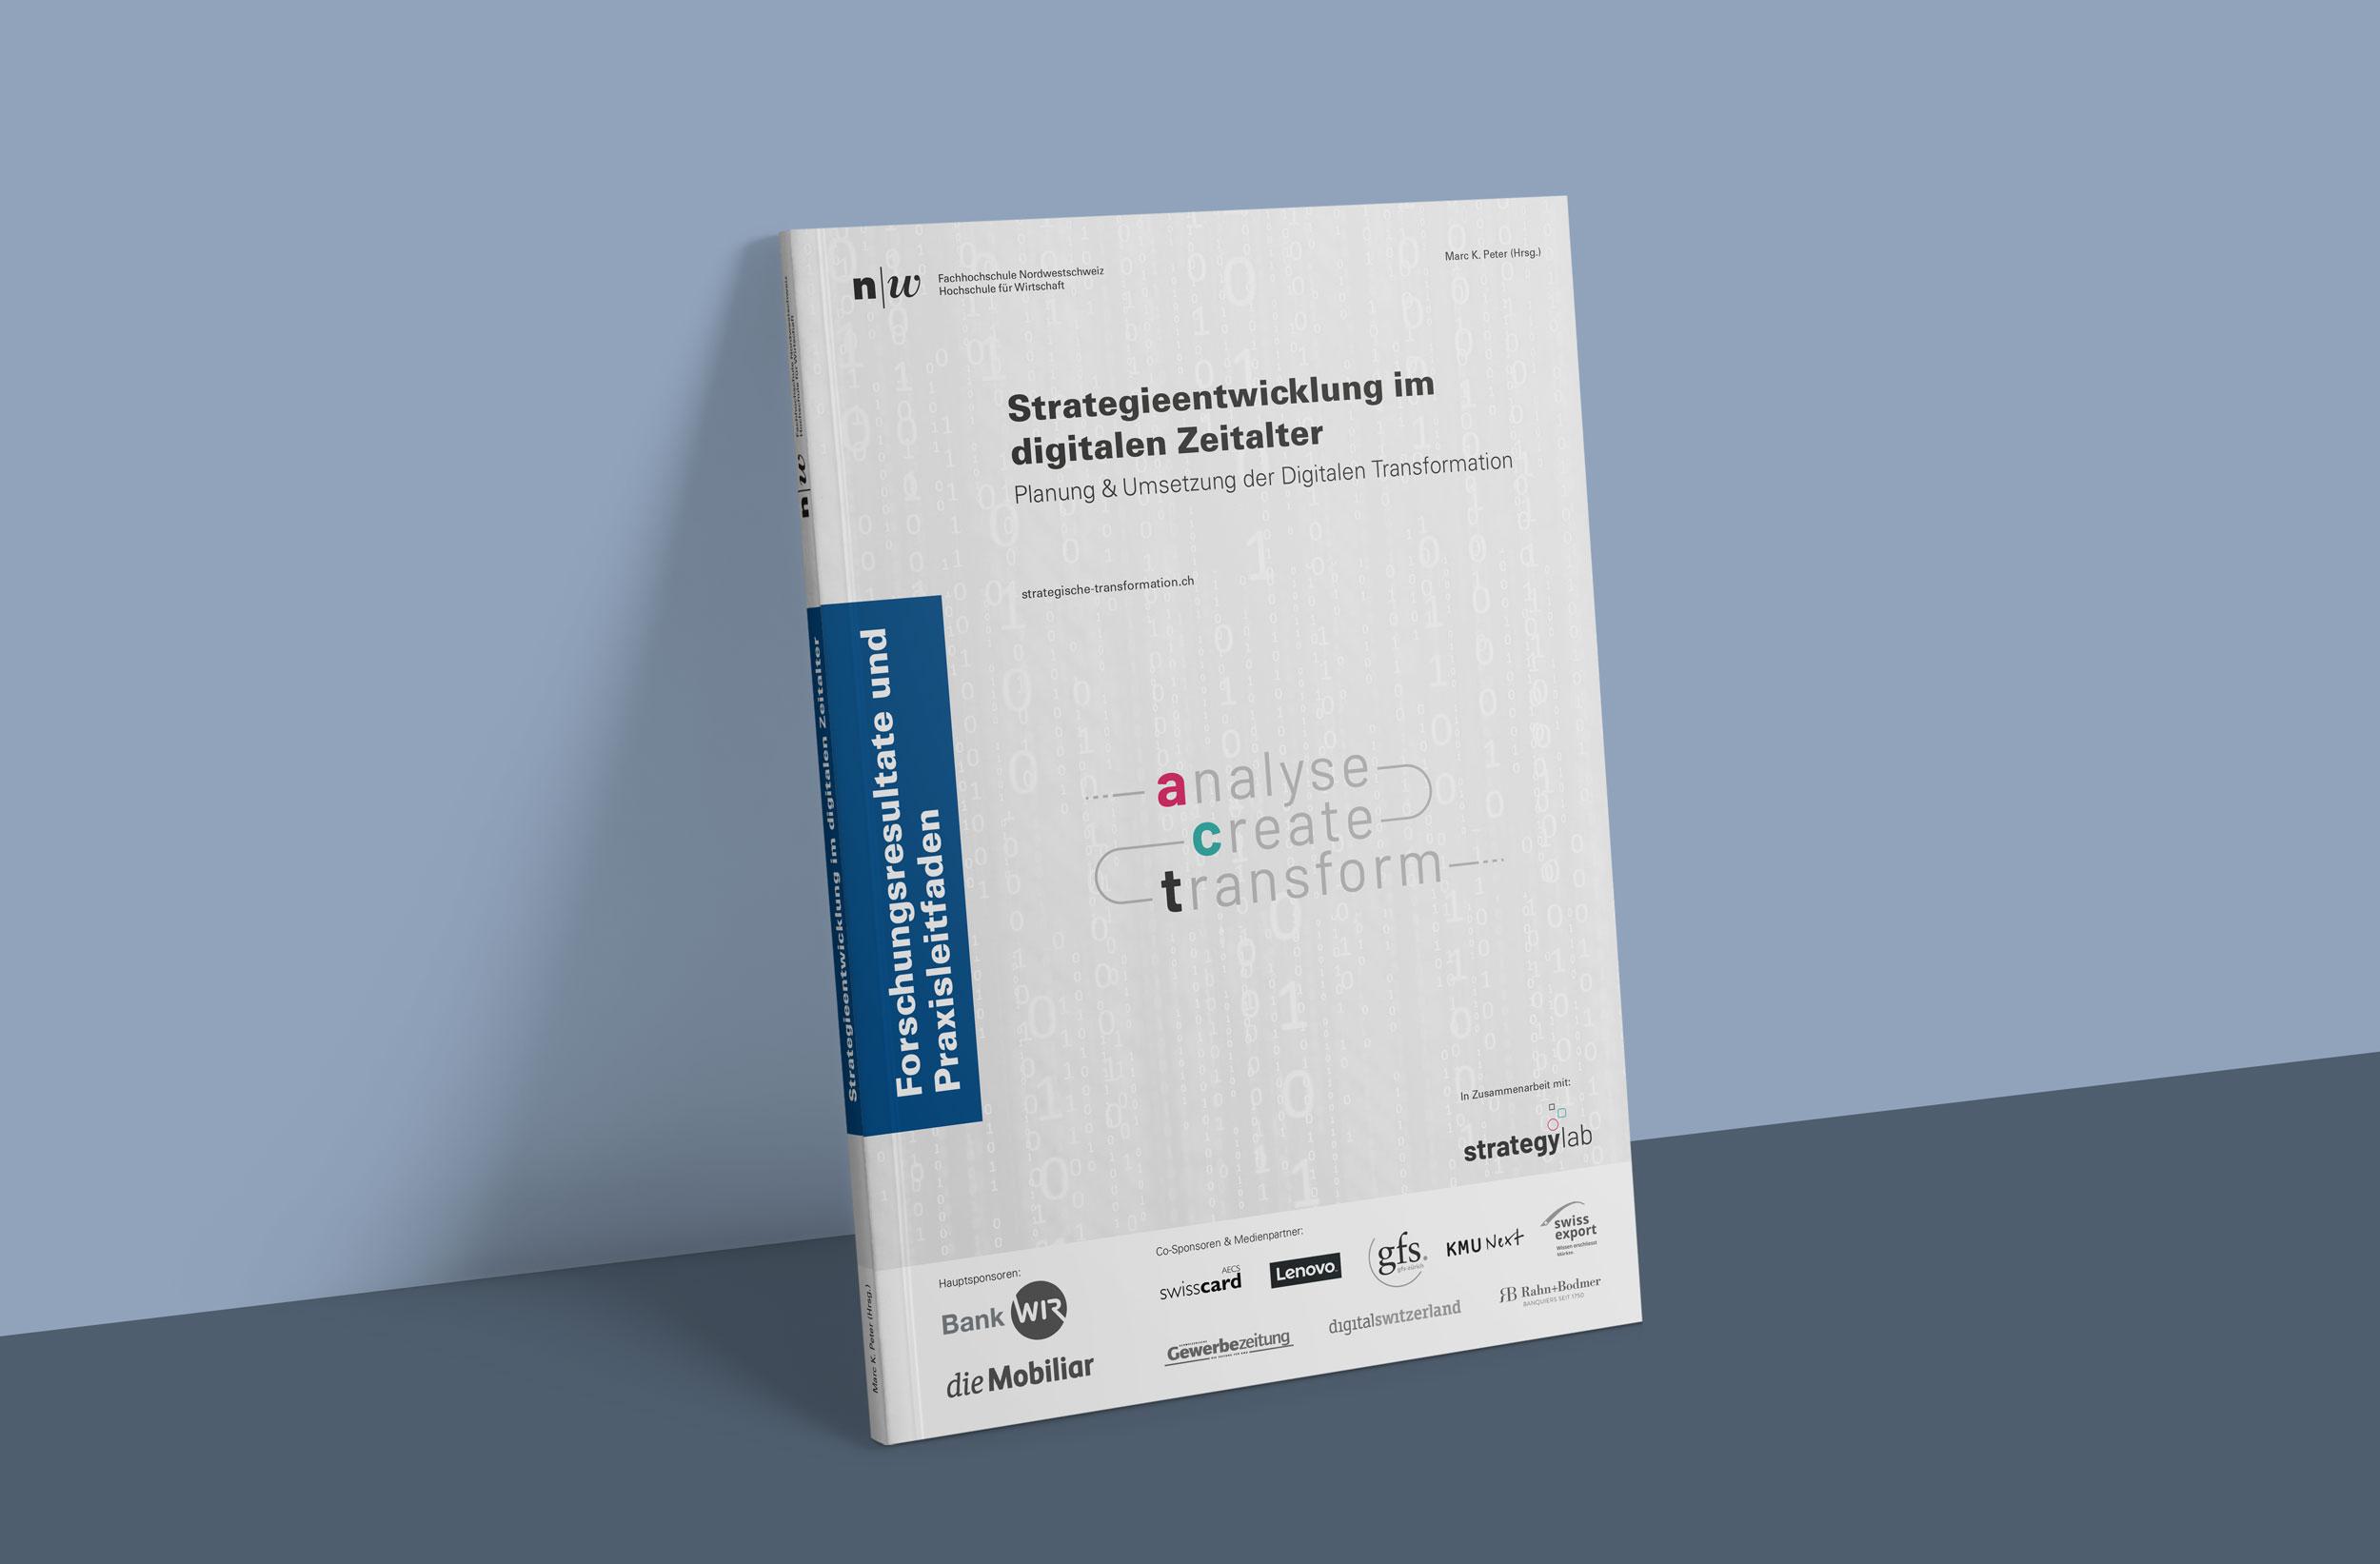 Buchumschlag_MK_Peter_Strategieentwicklung-Digitales-Zeitalter-FHNW-Strategylab-V3.jpeg